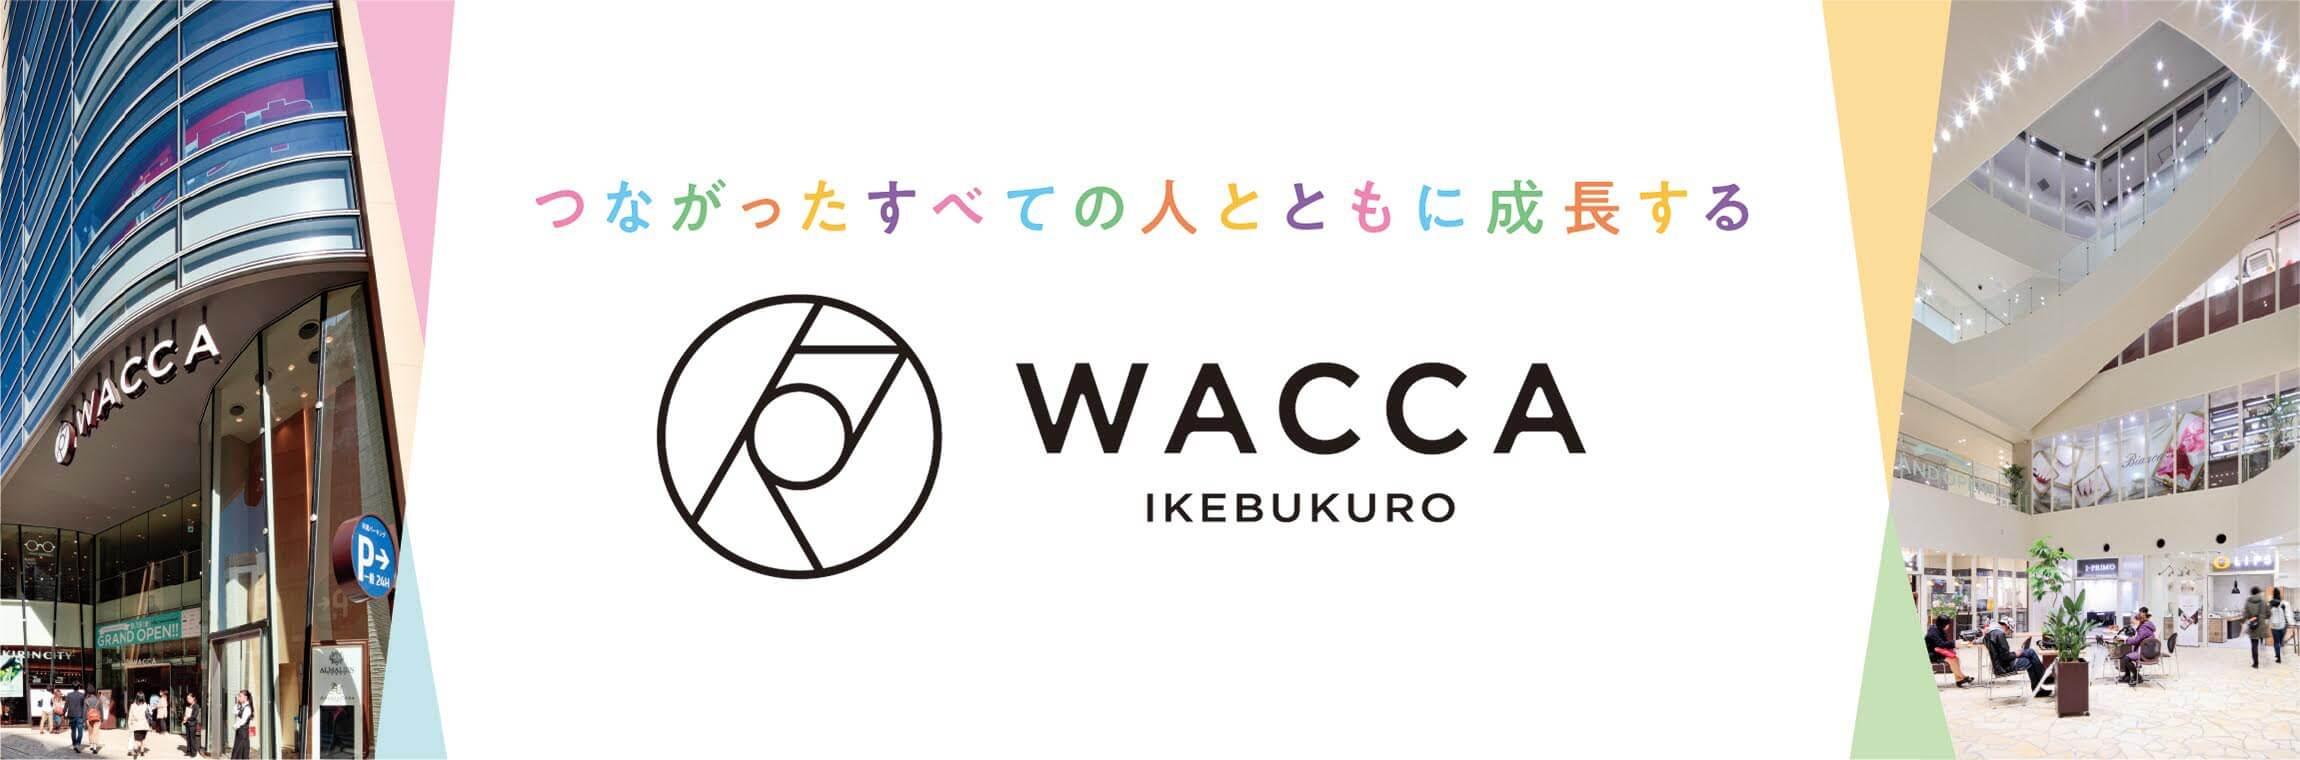 WACCA池袋 つながったすべての人とともに成長する